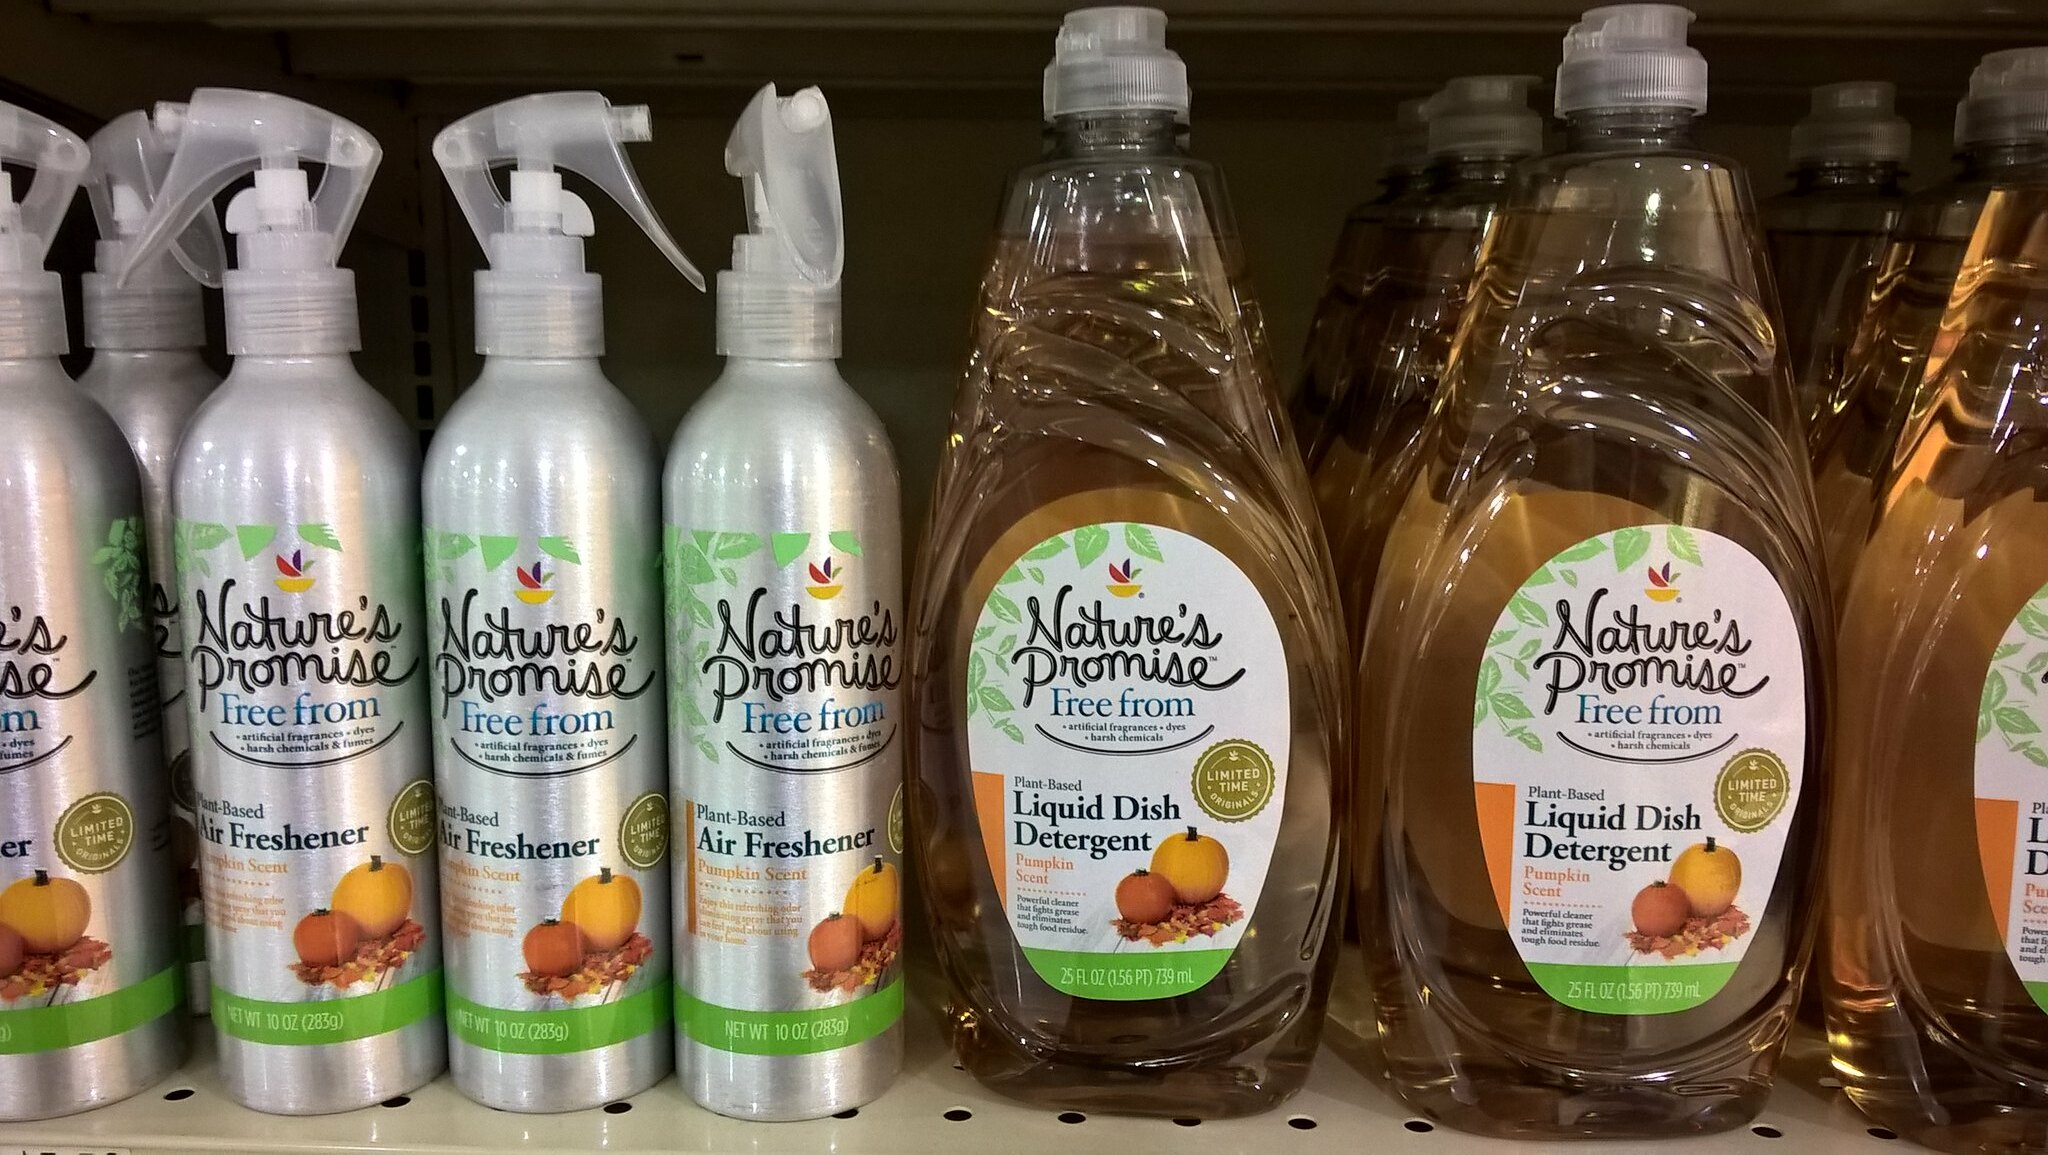 Pumpkin Spice Detergent and Air Freshener